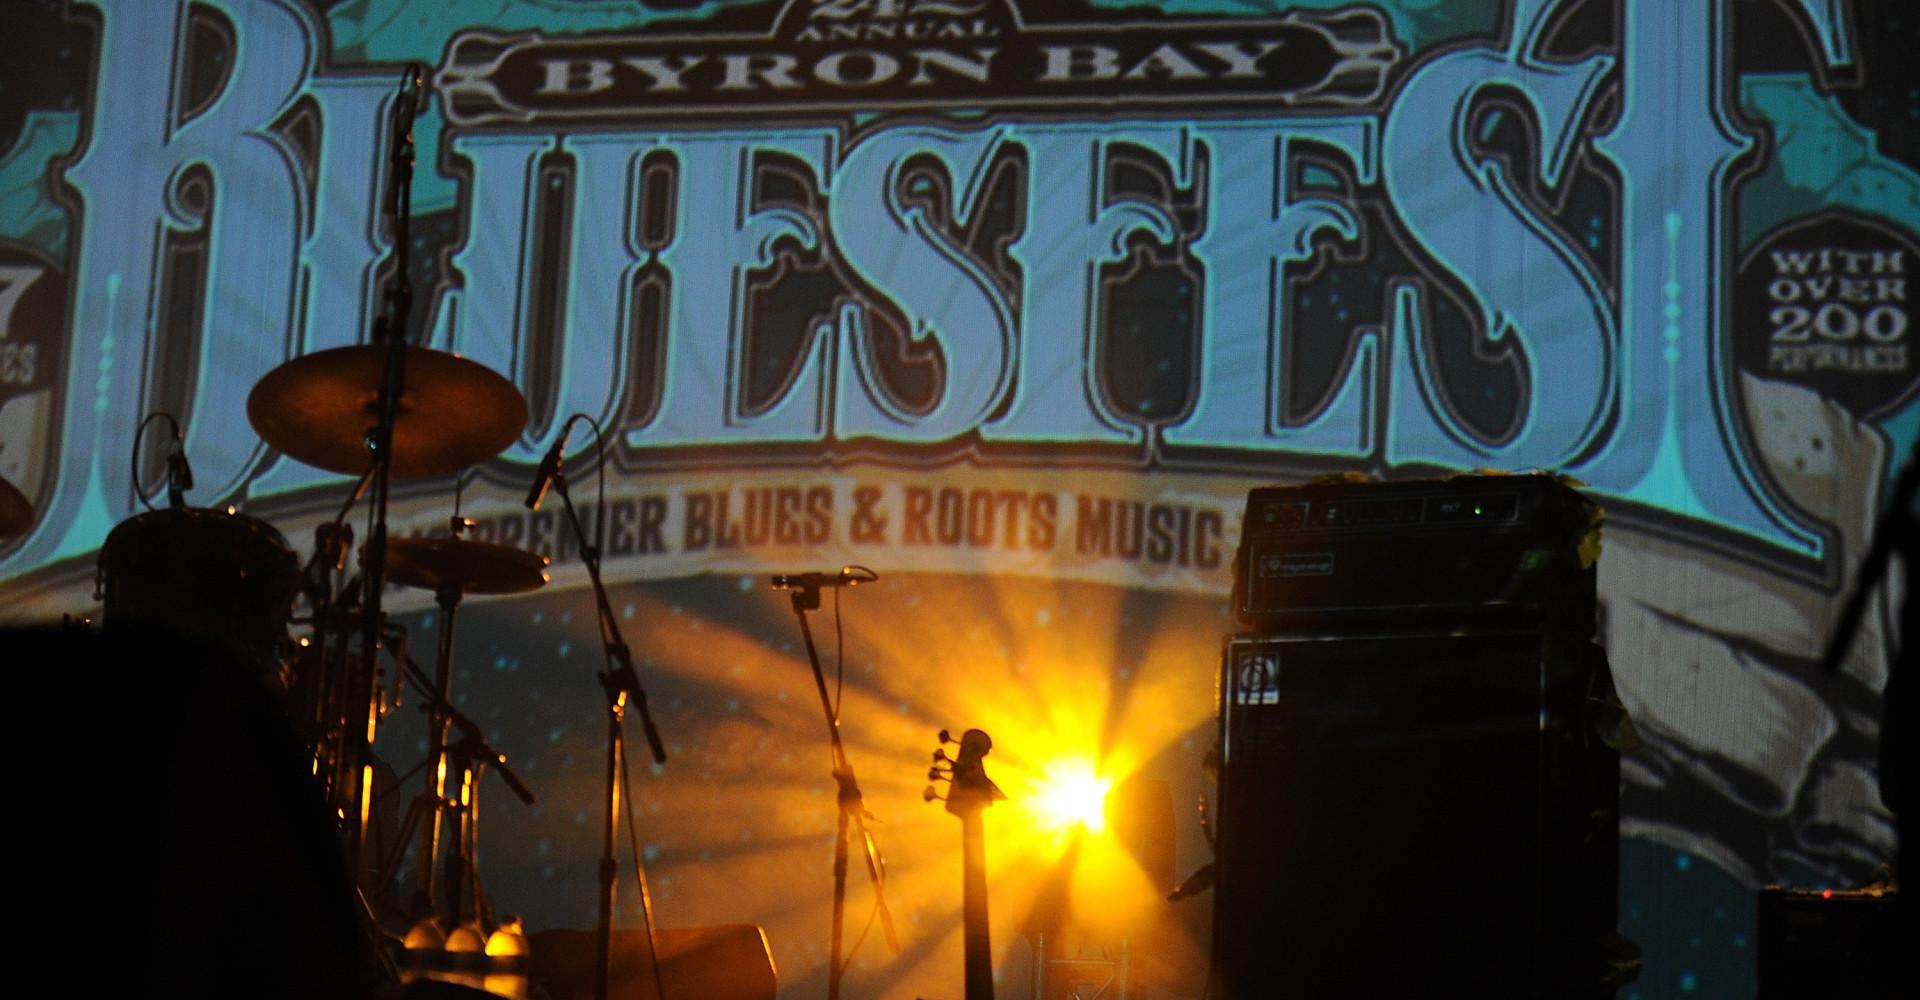 Byron Bay Bluesfest is turning 30